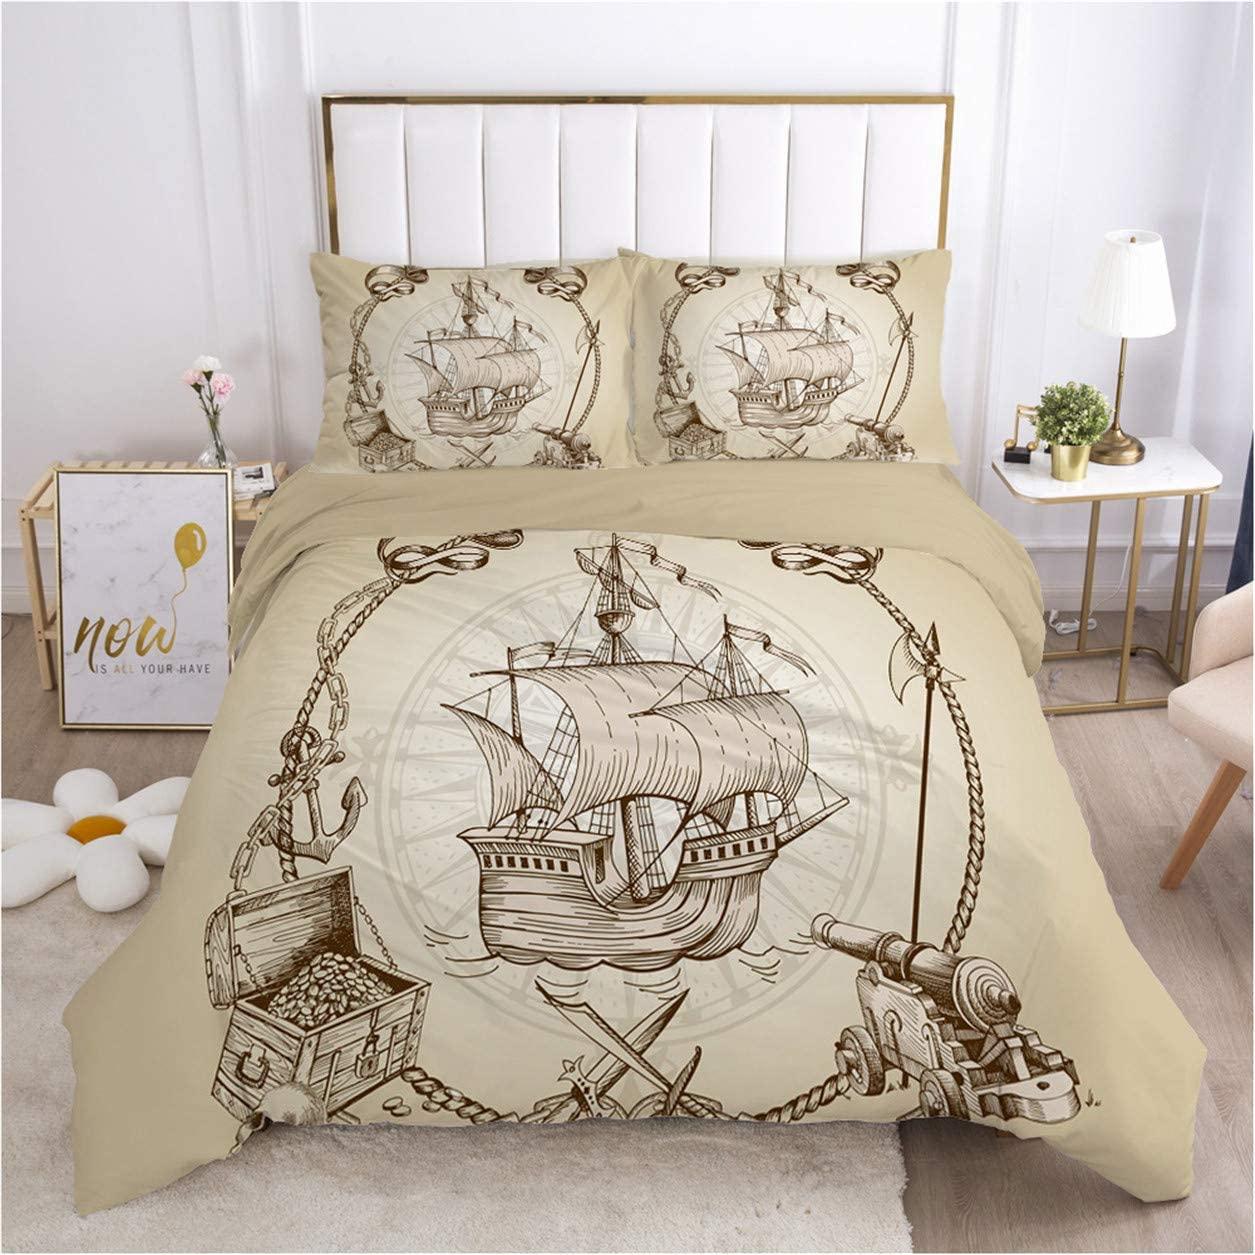 HMT NF Nautical Duvet Cover Set Sailboat Vintage Boat Bedding Set for Kids Soft Microfiber Full Size1 Duvet Cover + 2 Pillowcases